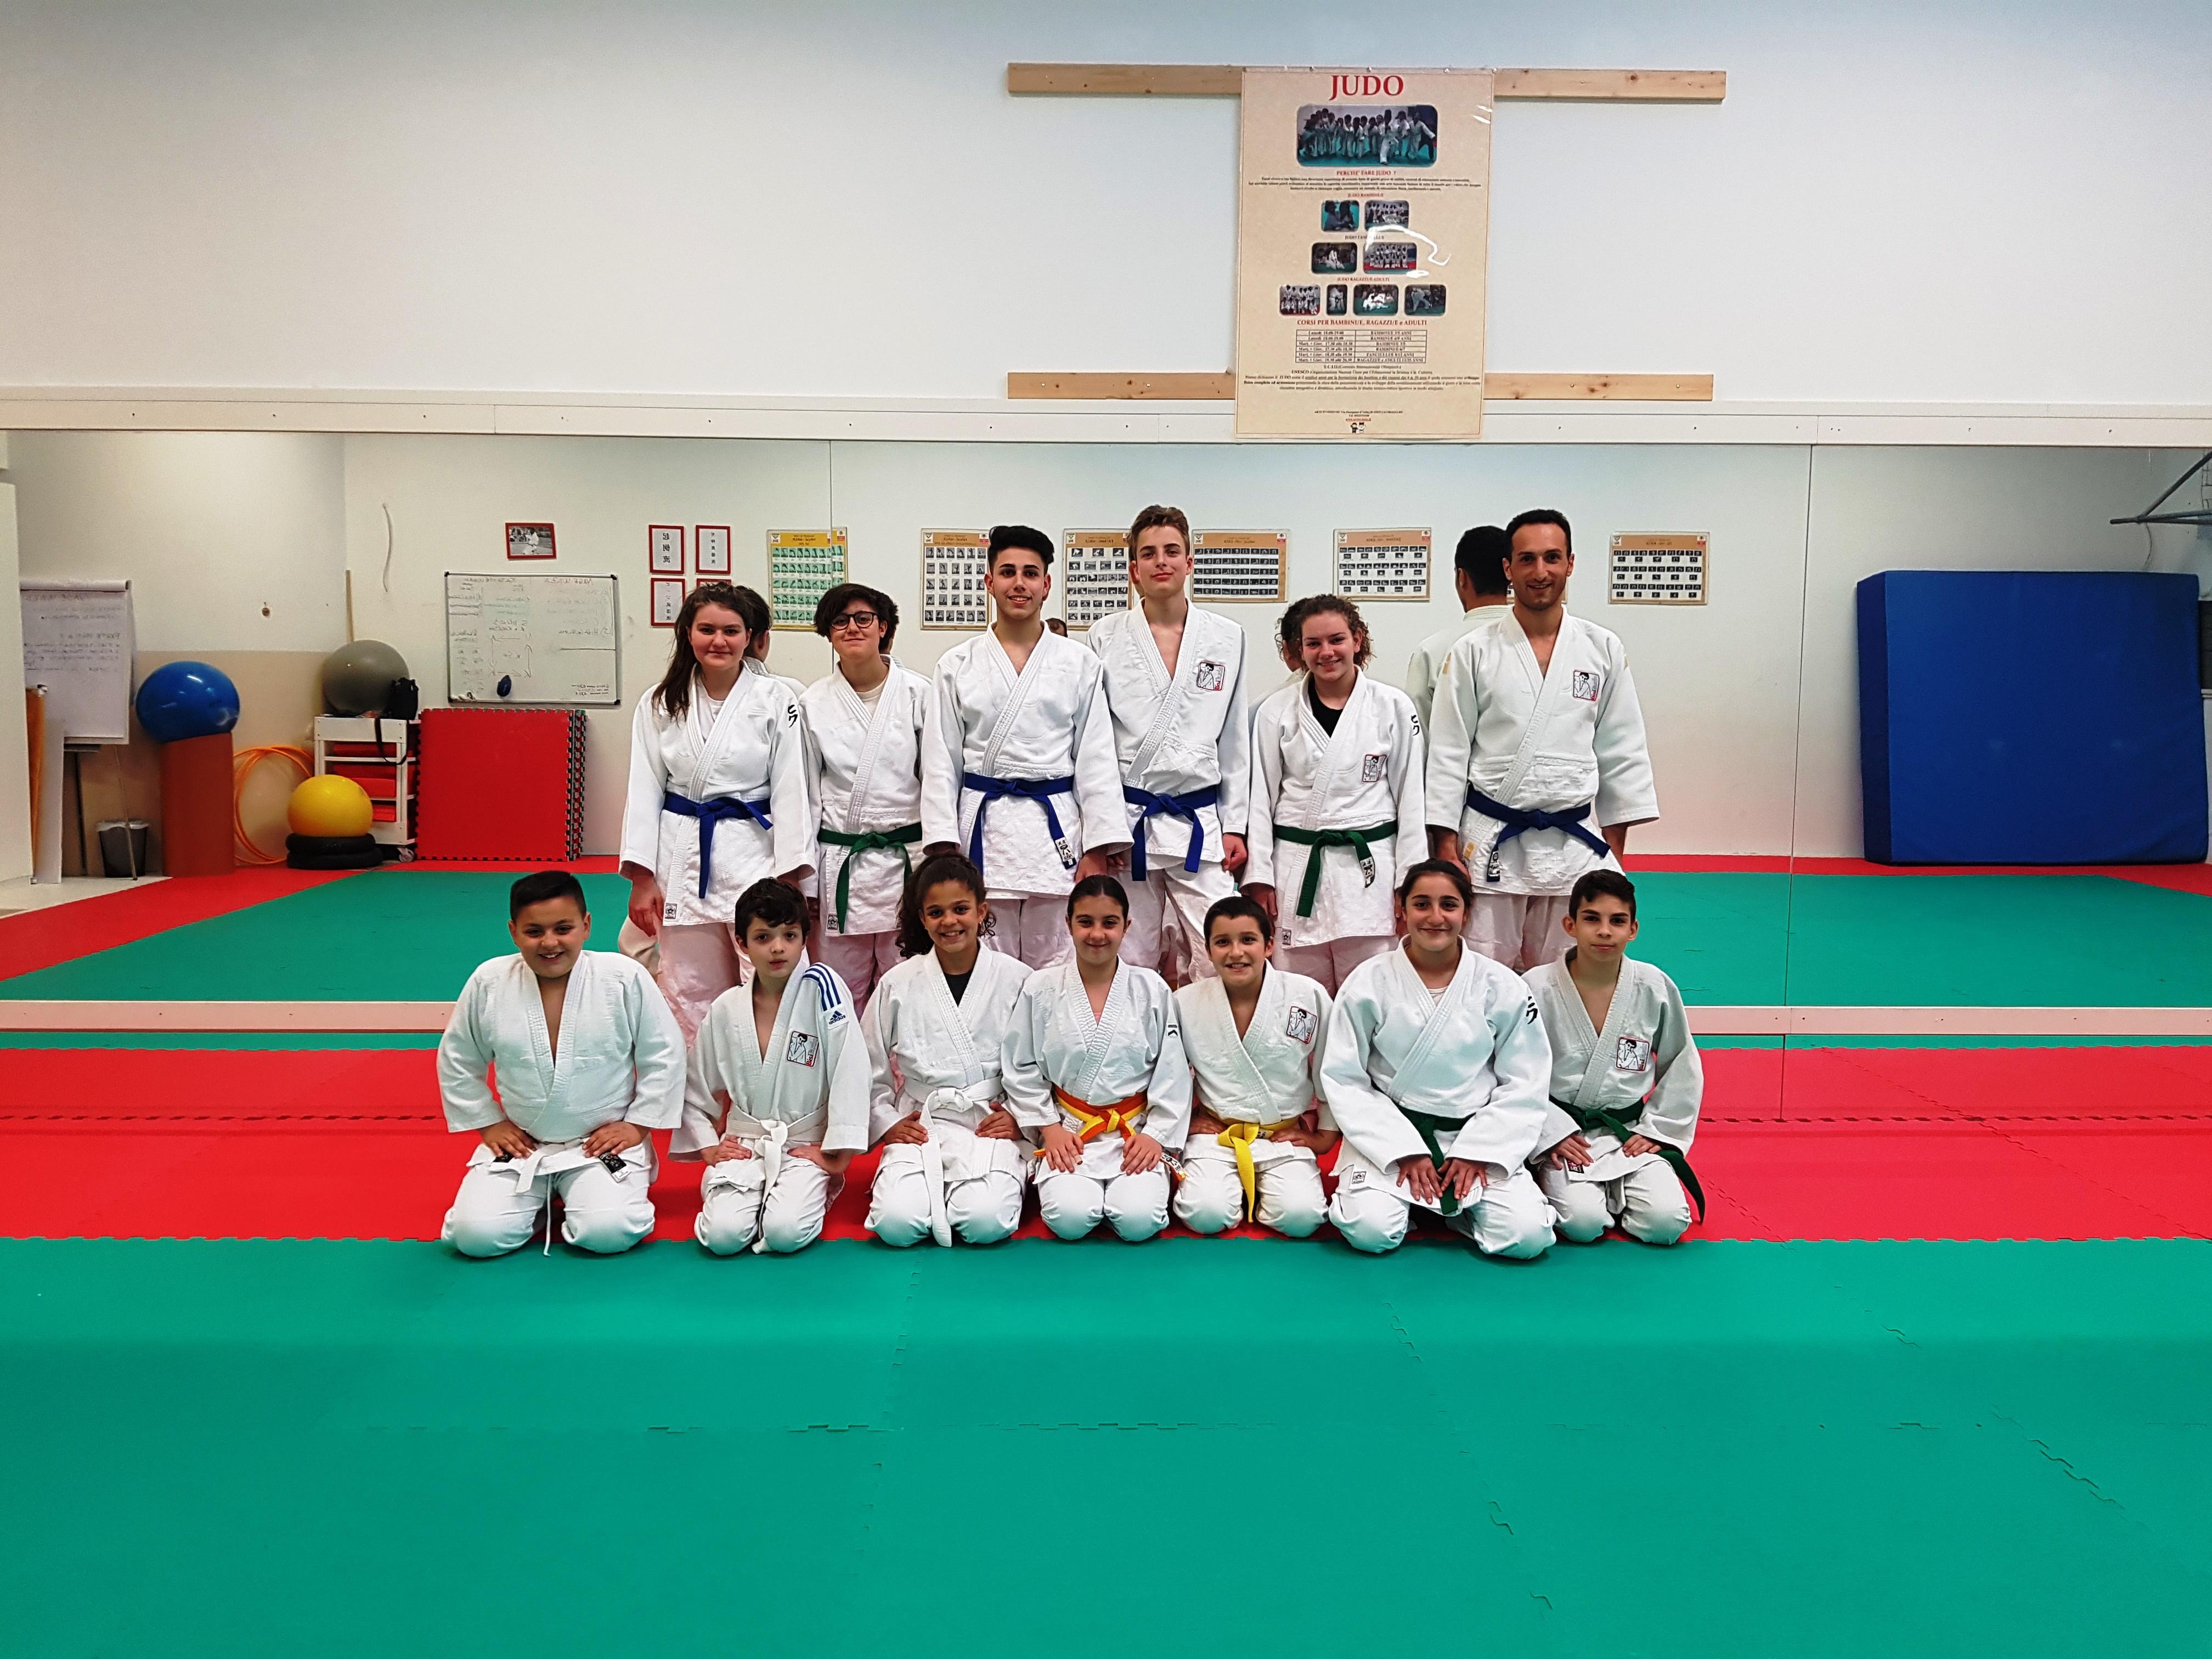 Judo ragazzi/adulti (13 anni in su)